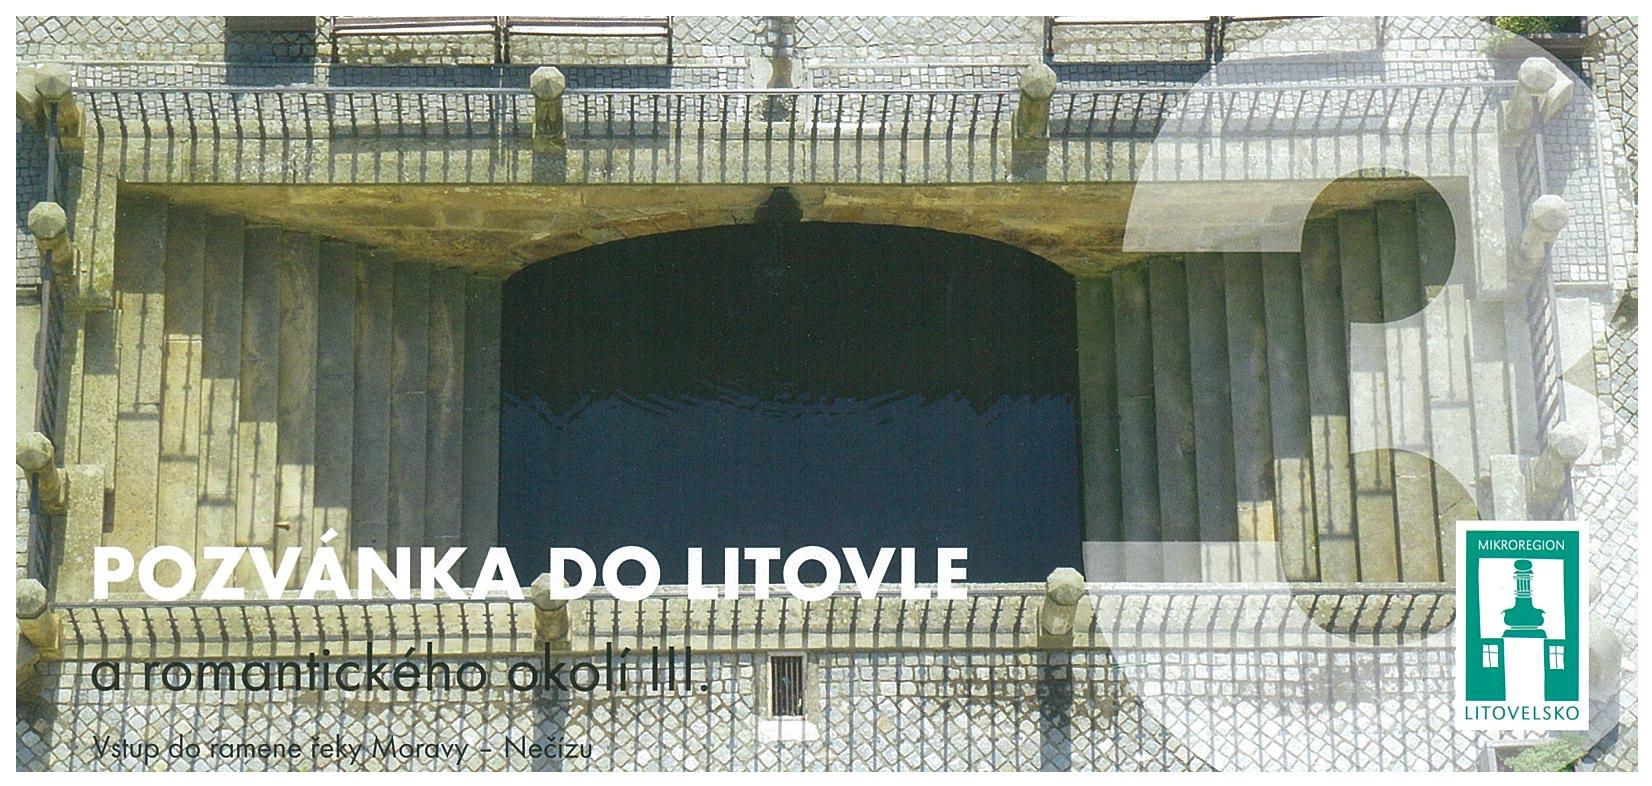 Pozvánka do Litovle a romantického okolí III, obrázek se otevře v novém okně